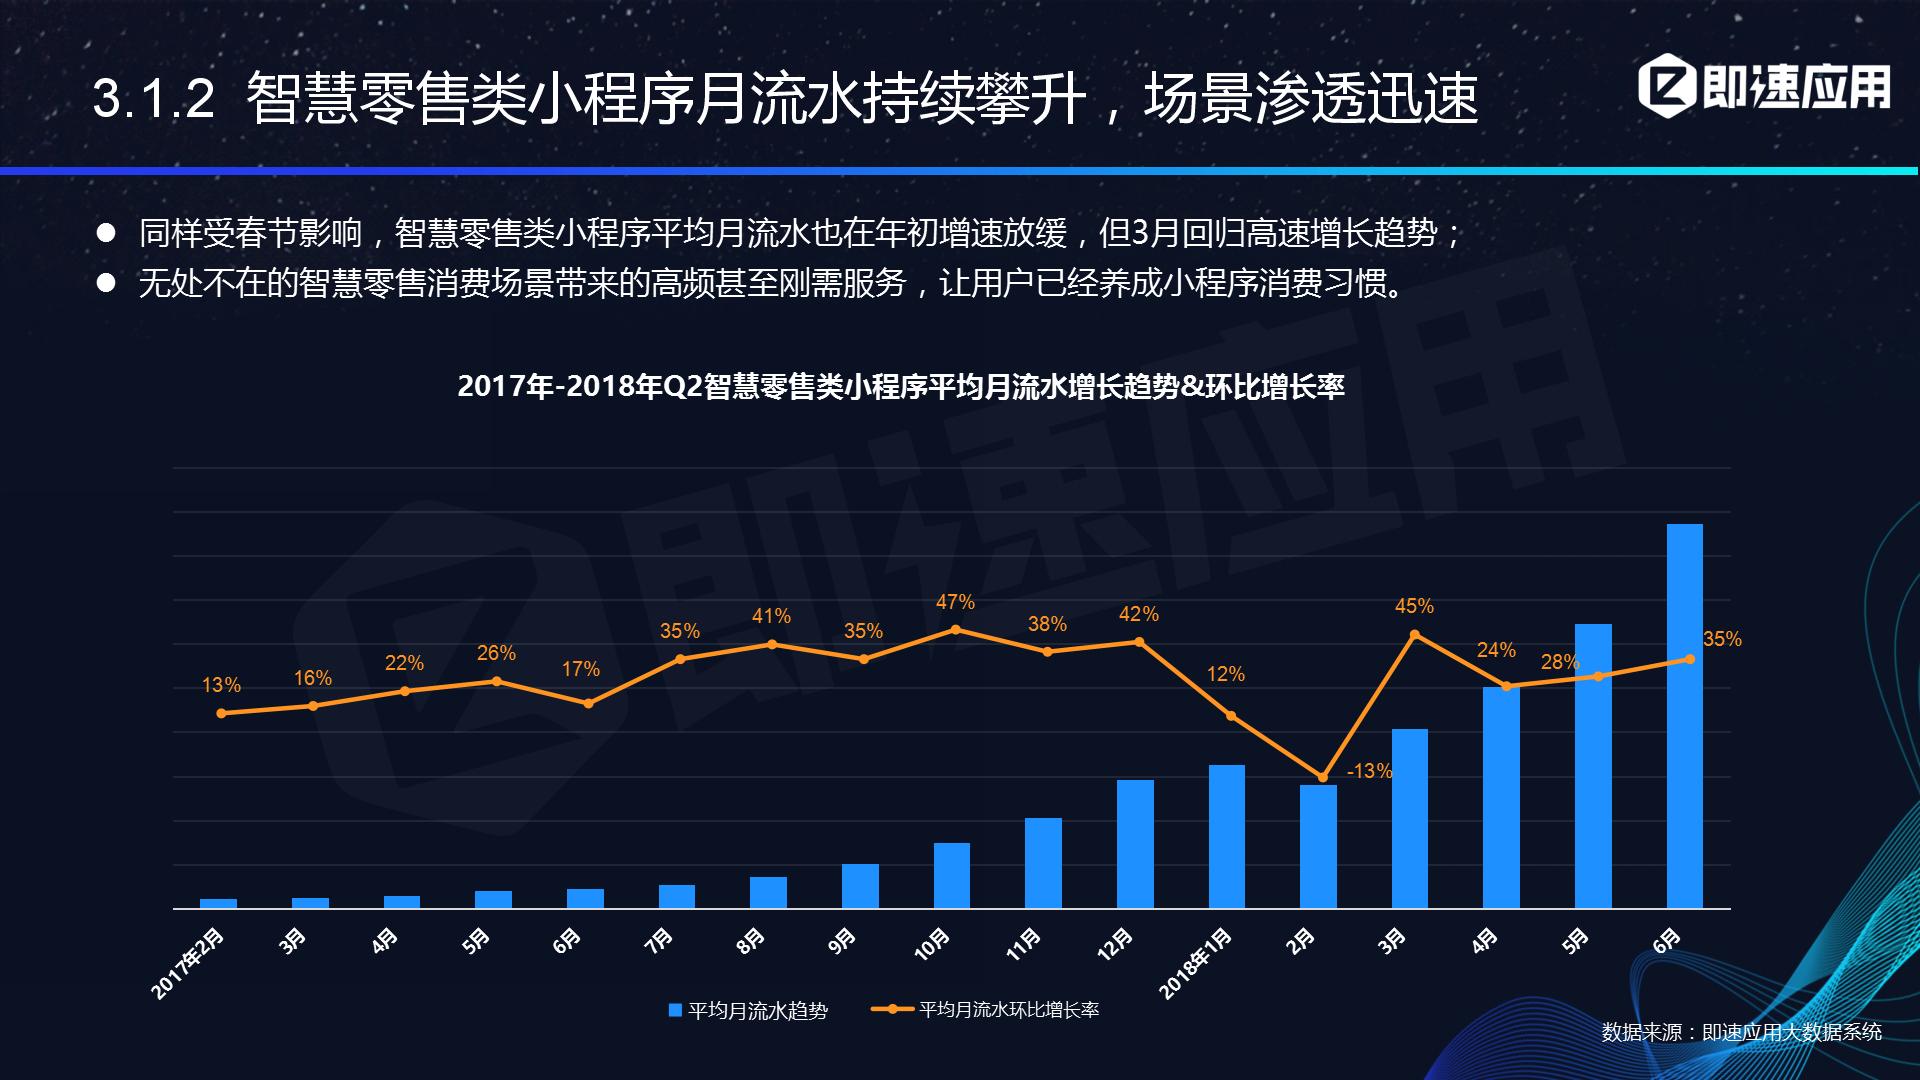 智慧零售小程序6月流水环比增长达35%,场景渗透迅速